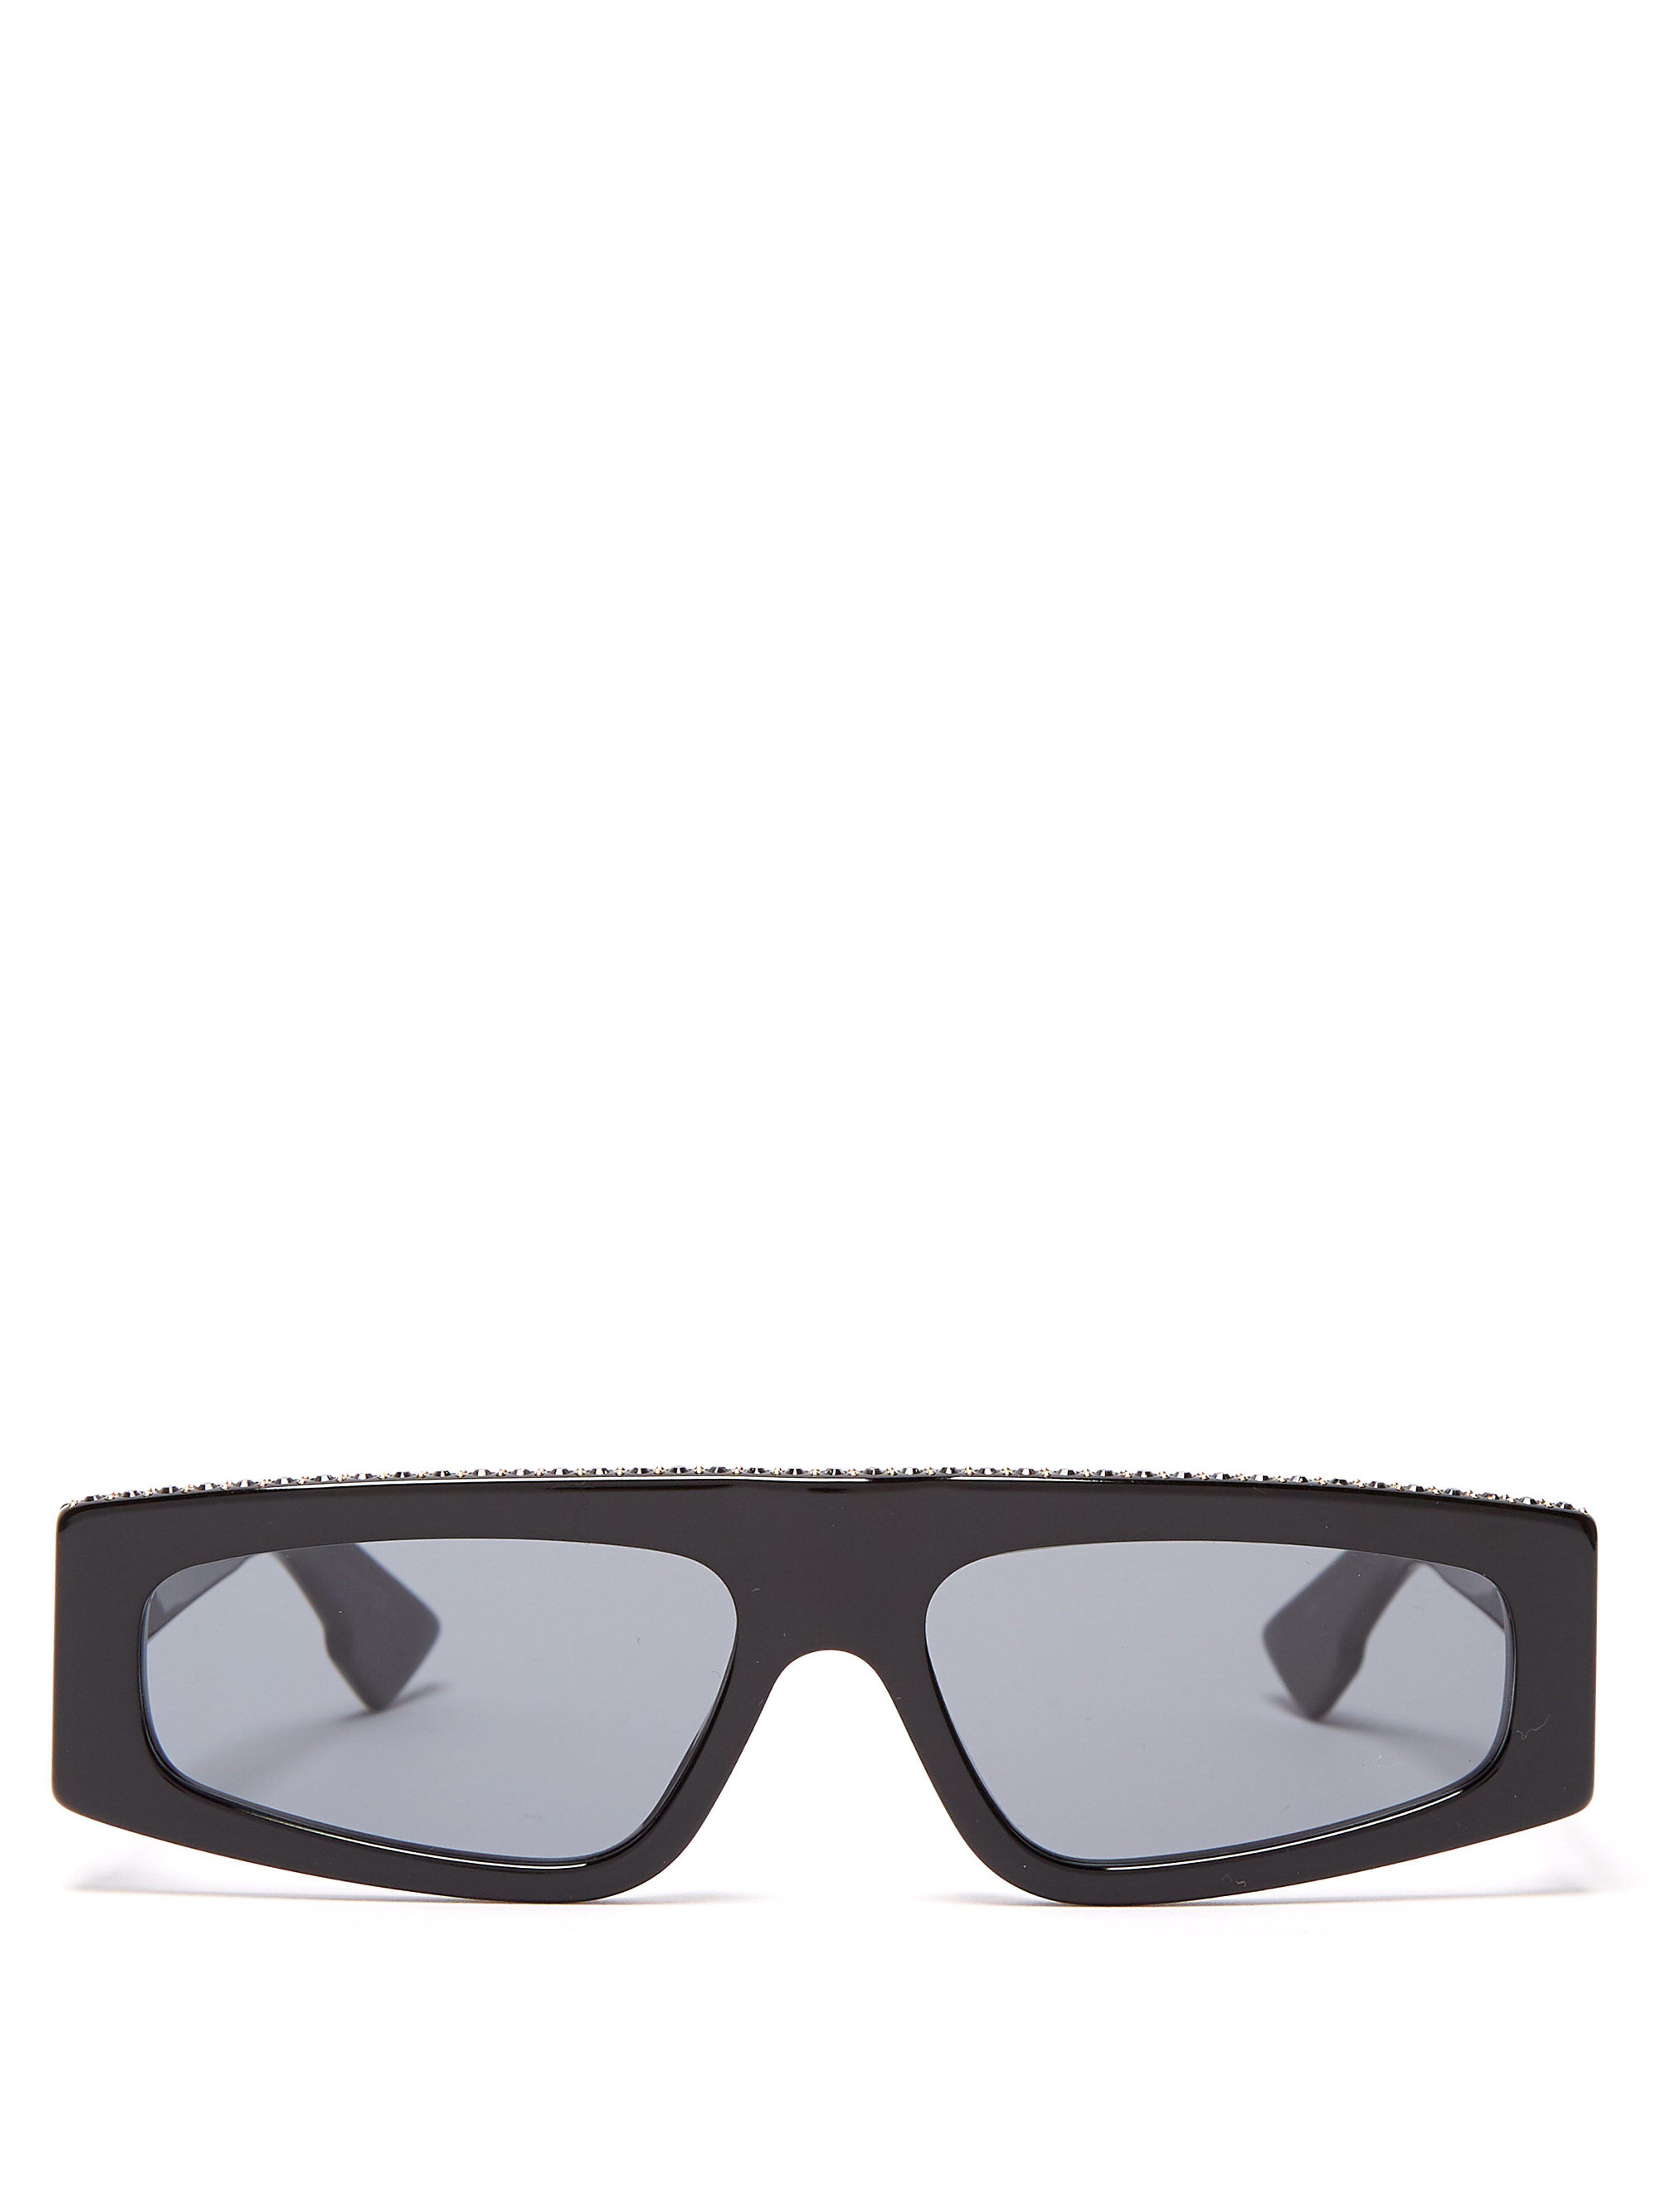 5cbcff424e Dior Power Sunglasses in Black - Save 9% - Lyst